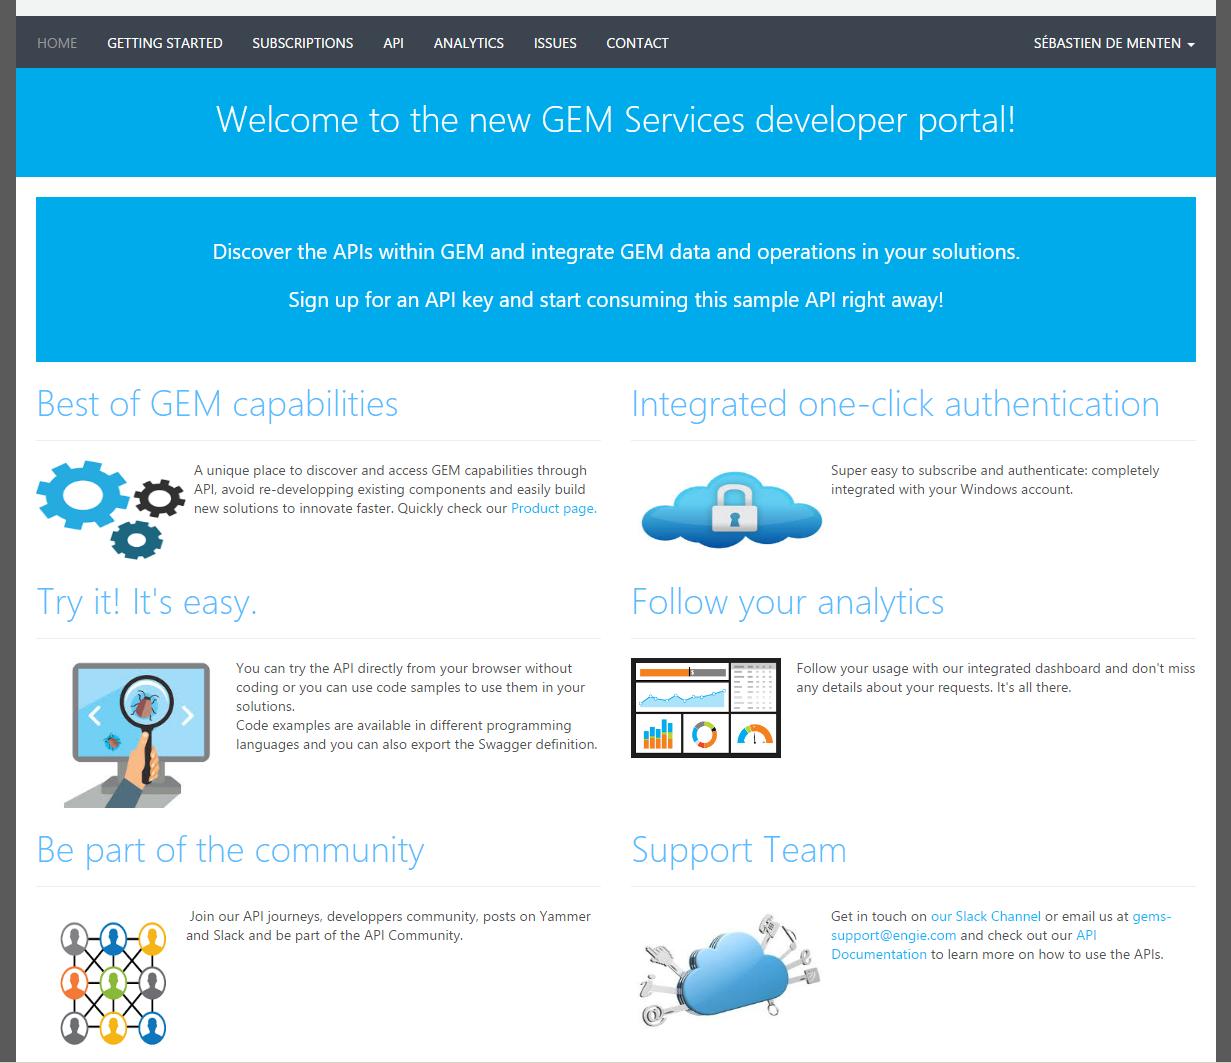 Les GEM Services